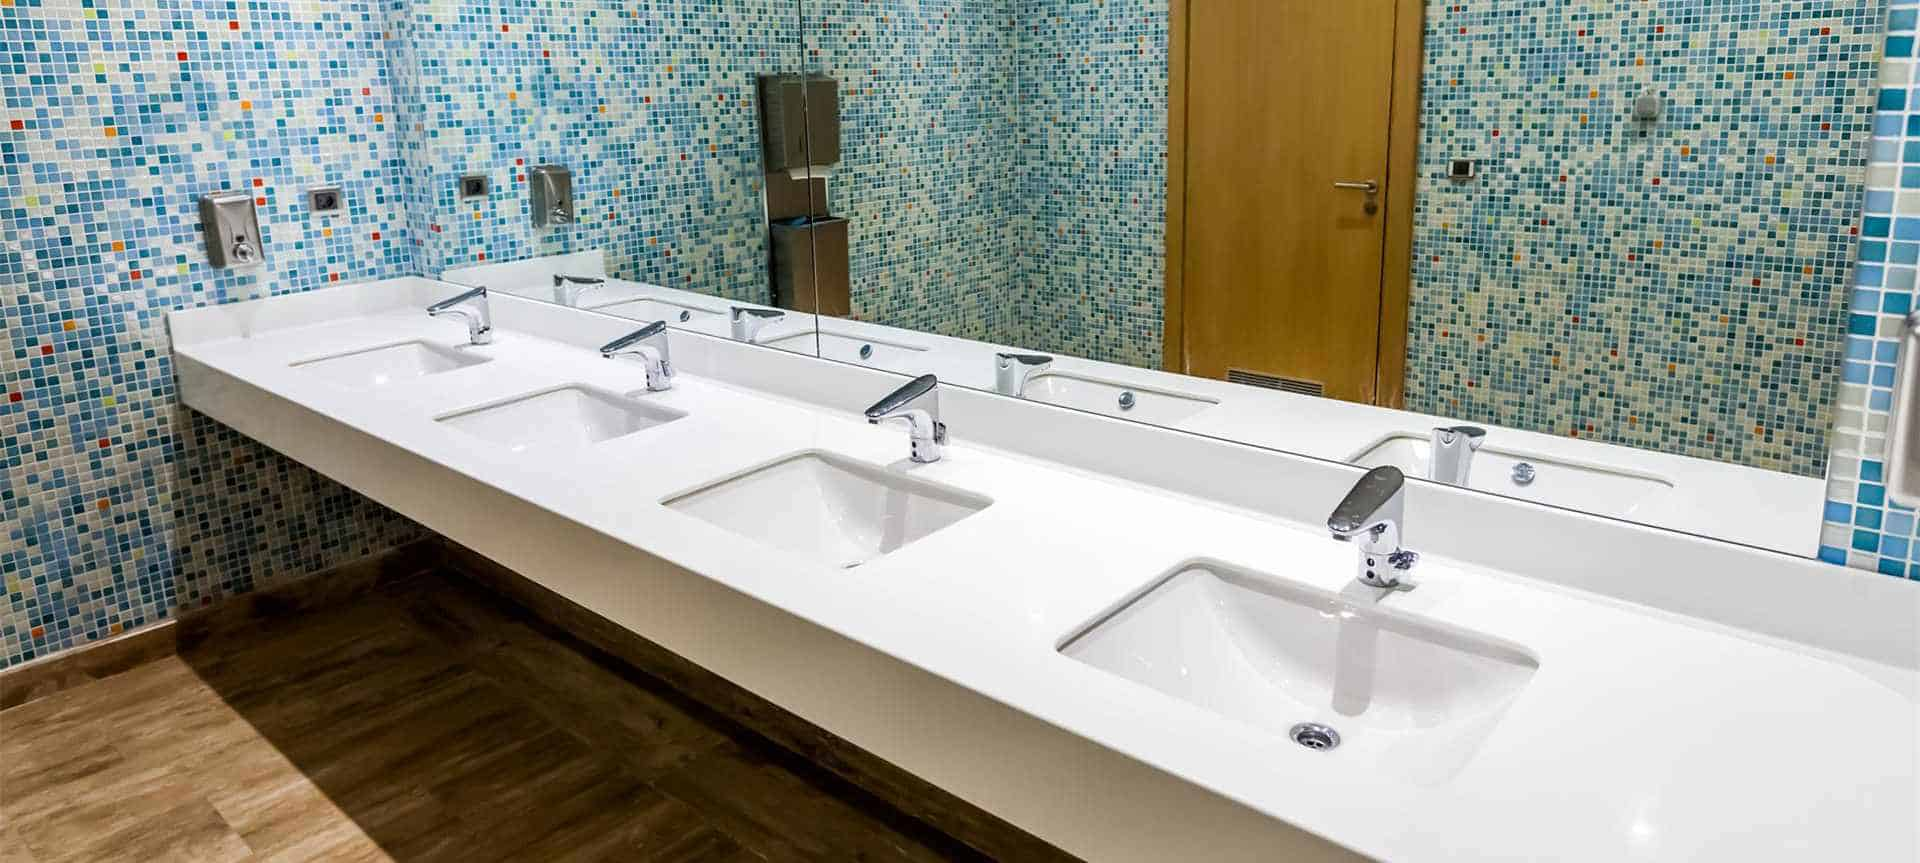 Public toilet touchless faucets